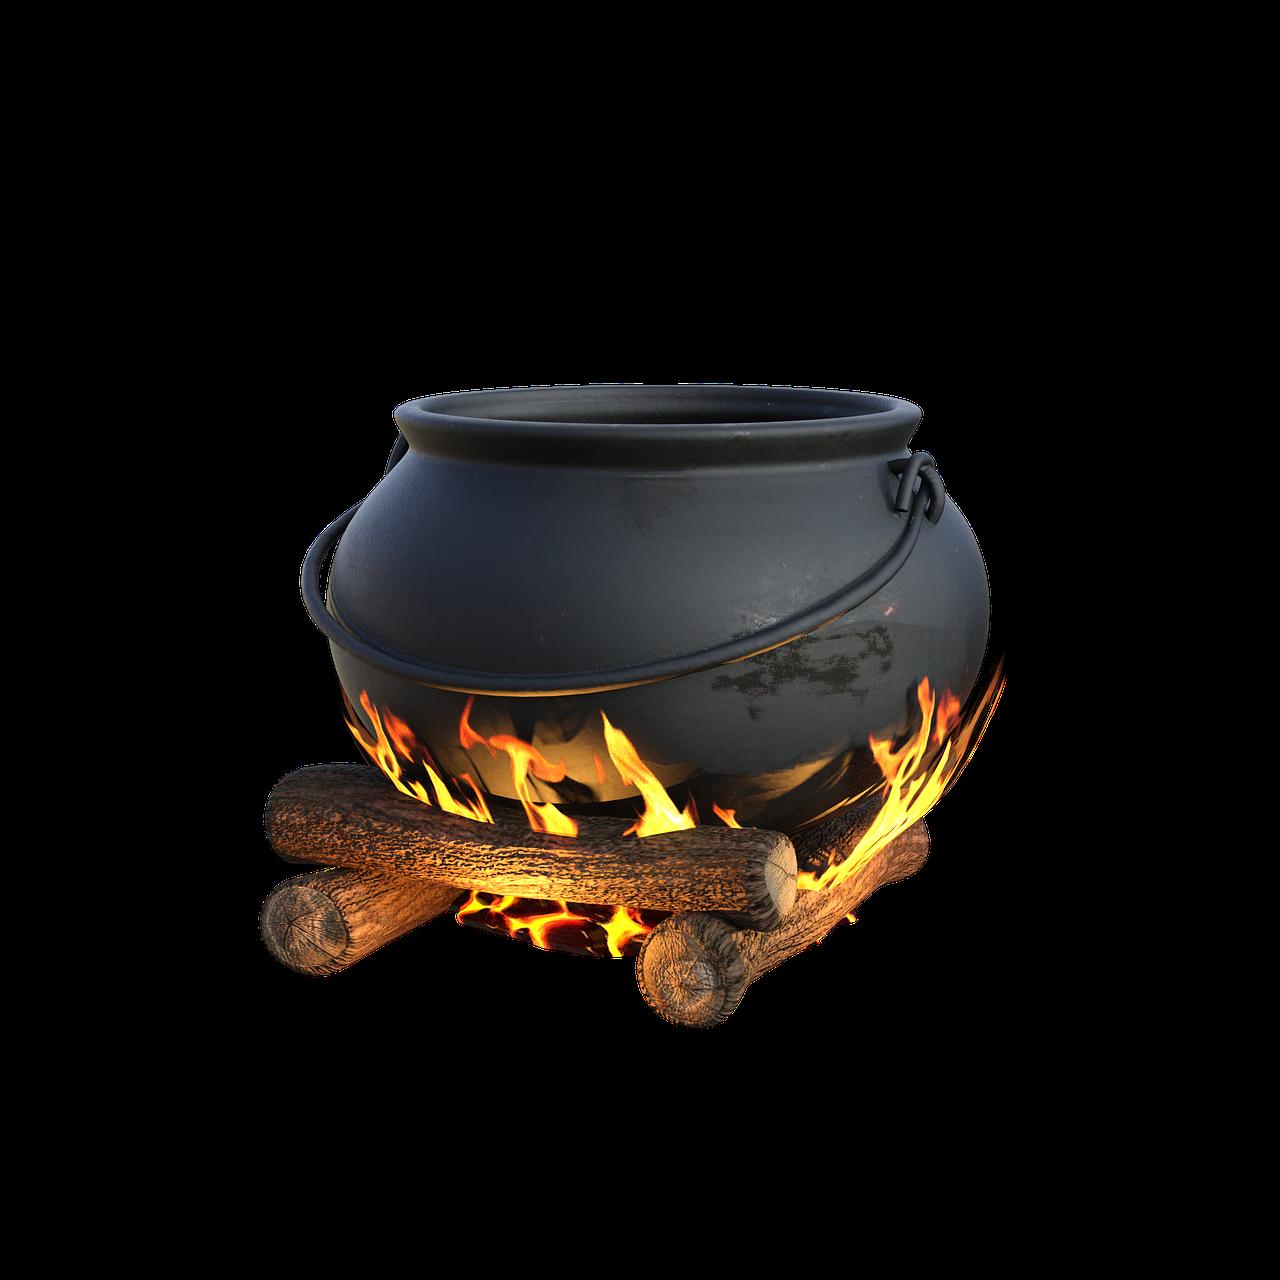 cauldron-4564688_1280.png